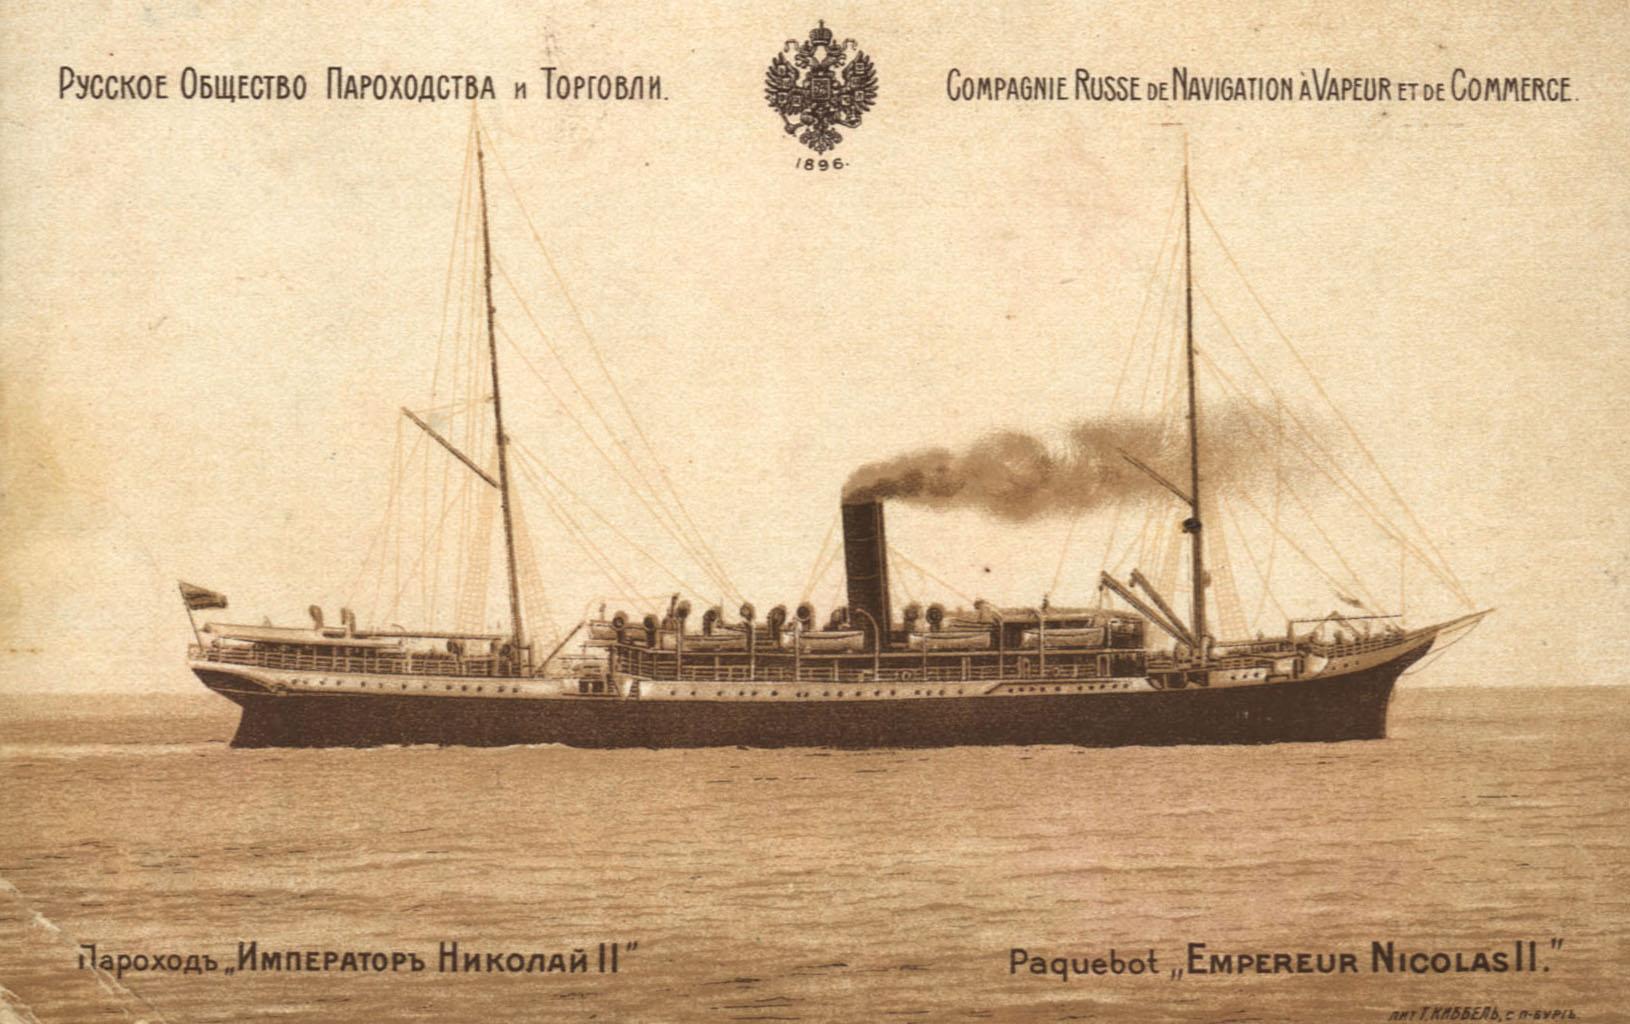 Русское общество пароходства и торговли, пароход «Император Николай II»